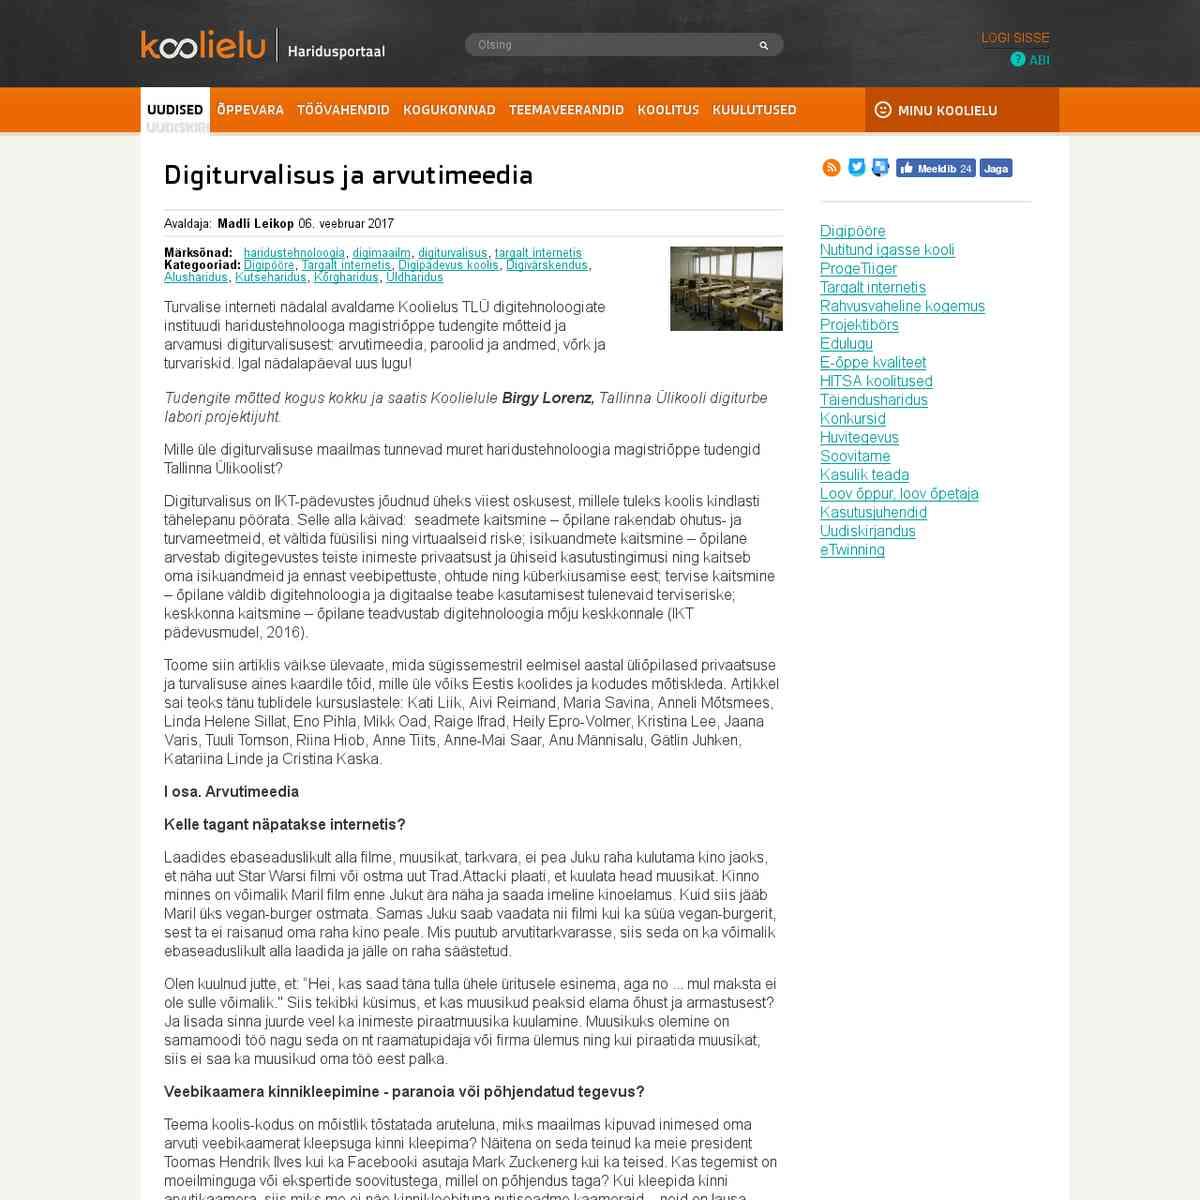 Digiturvalisus ja arvutimeedia : Koolielu